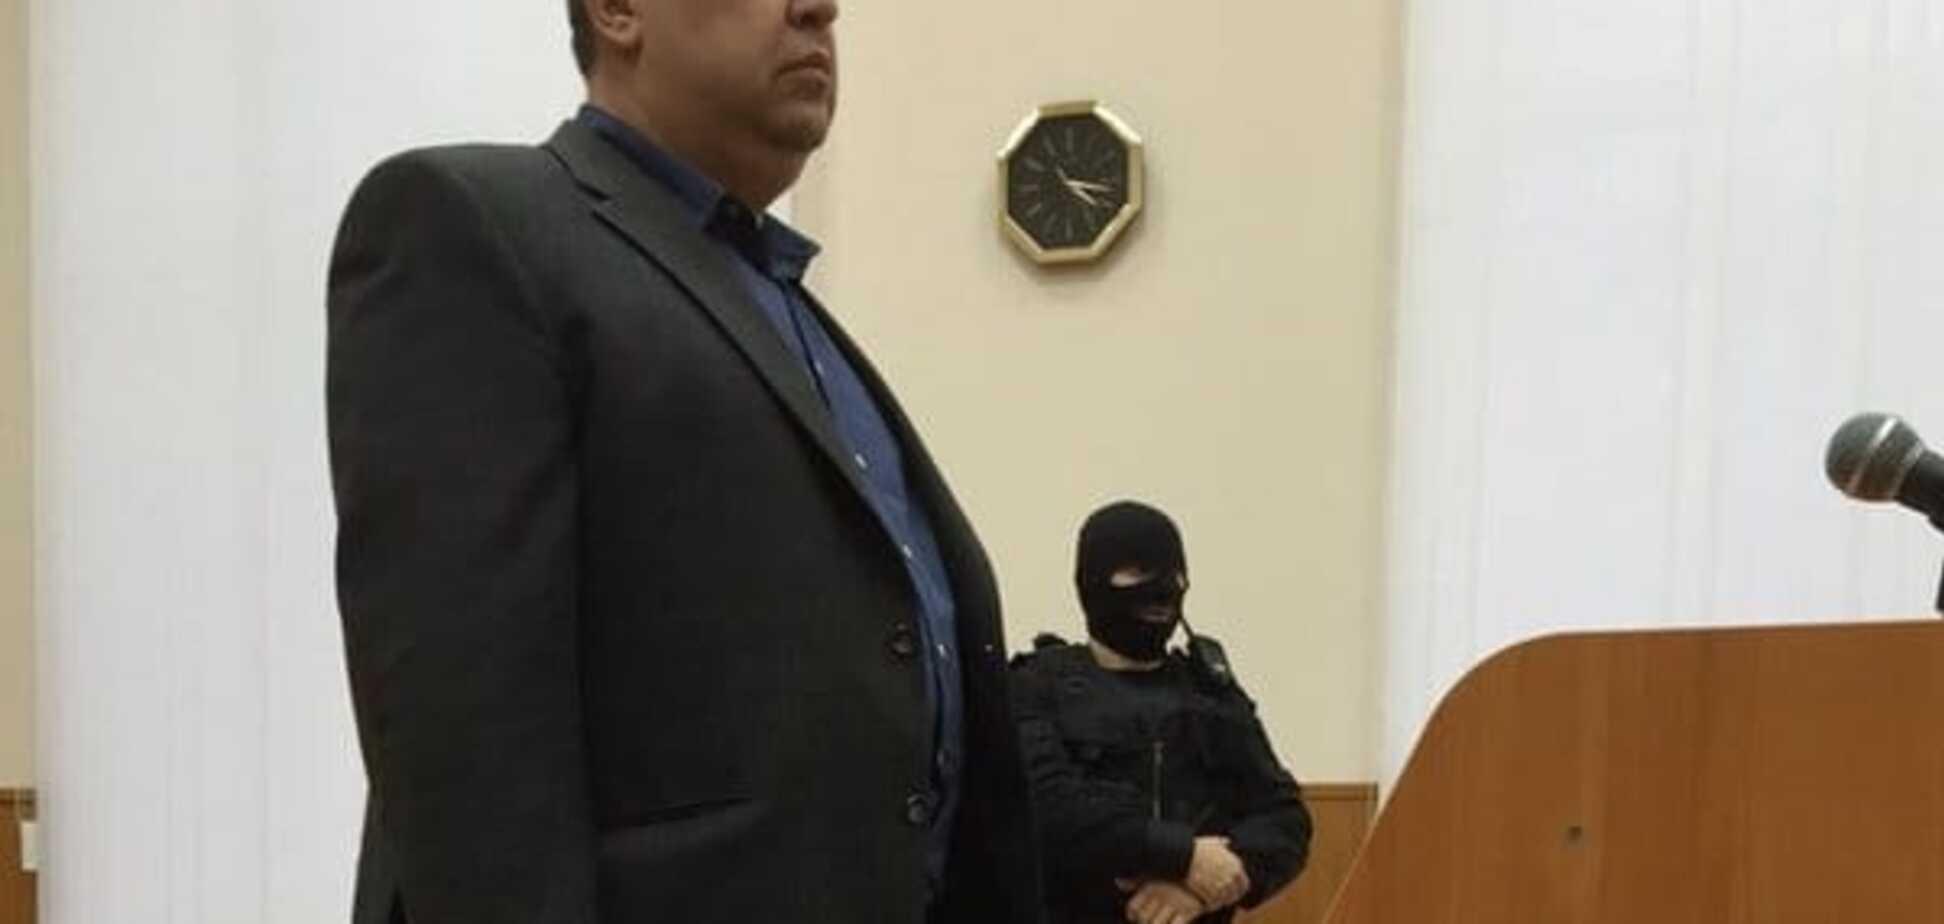 Плотницький прибув на суд над Савченко, адвокатам заборонили переказувати показання ватажка 'ЛНР'